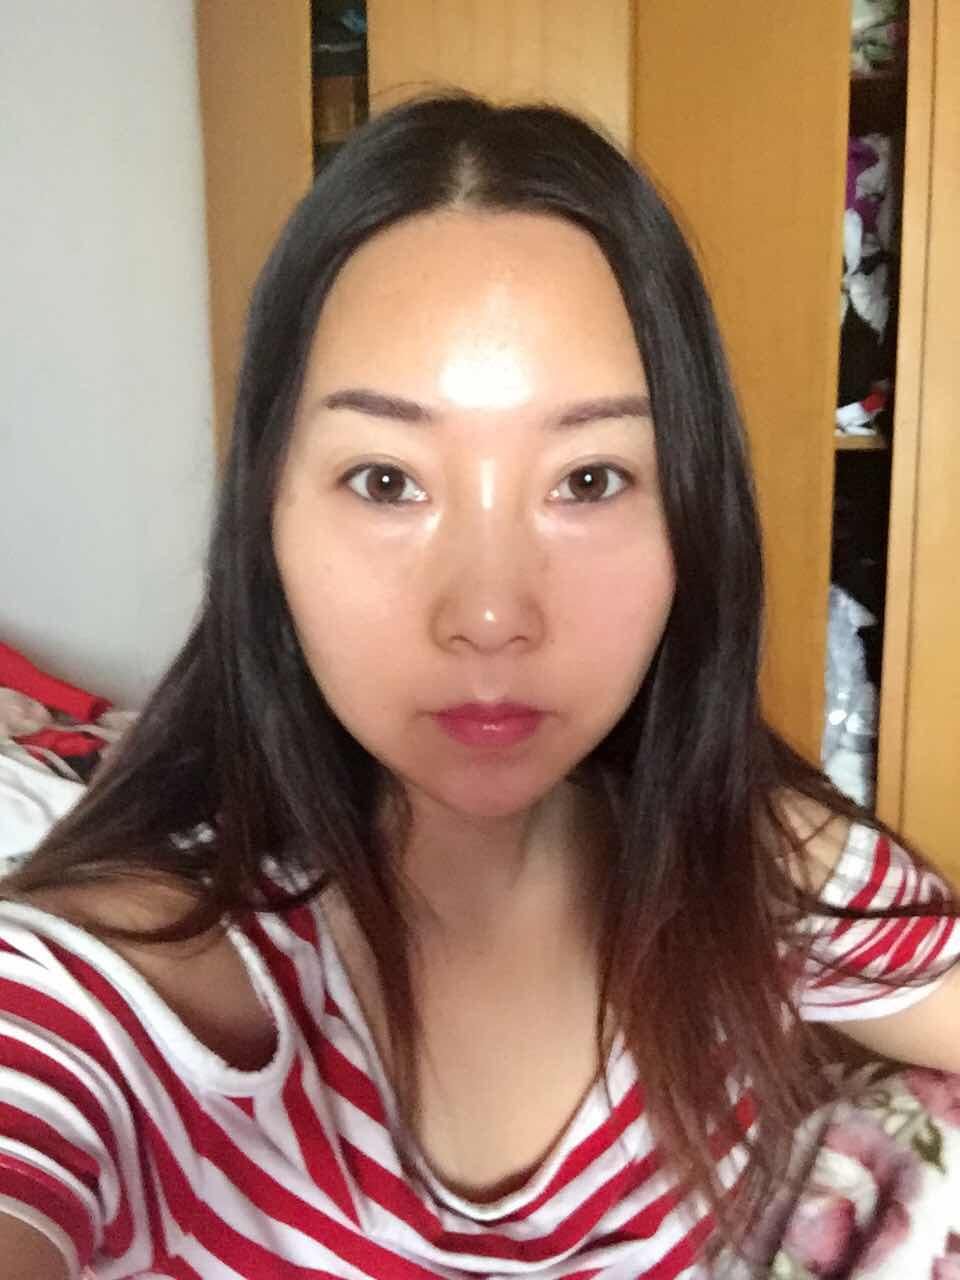 激光去眼袋效果好吗?